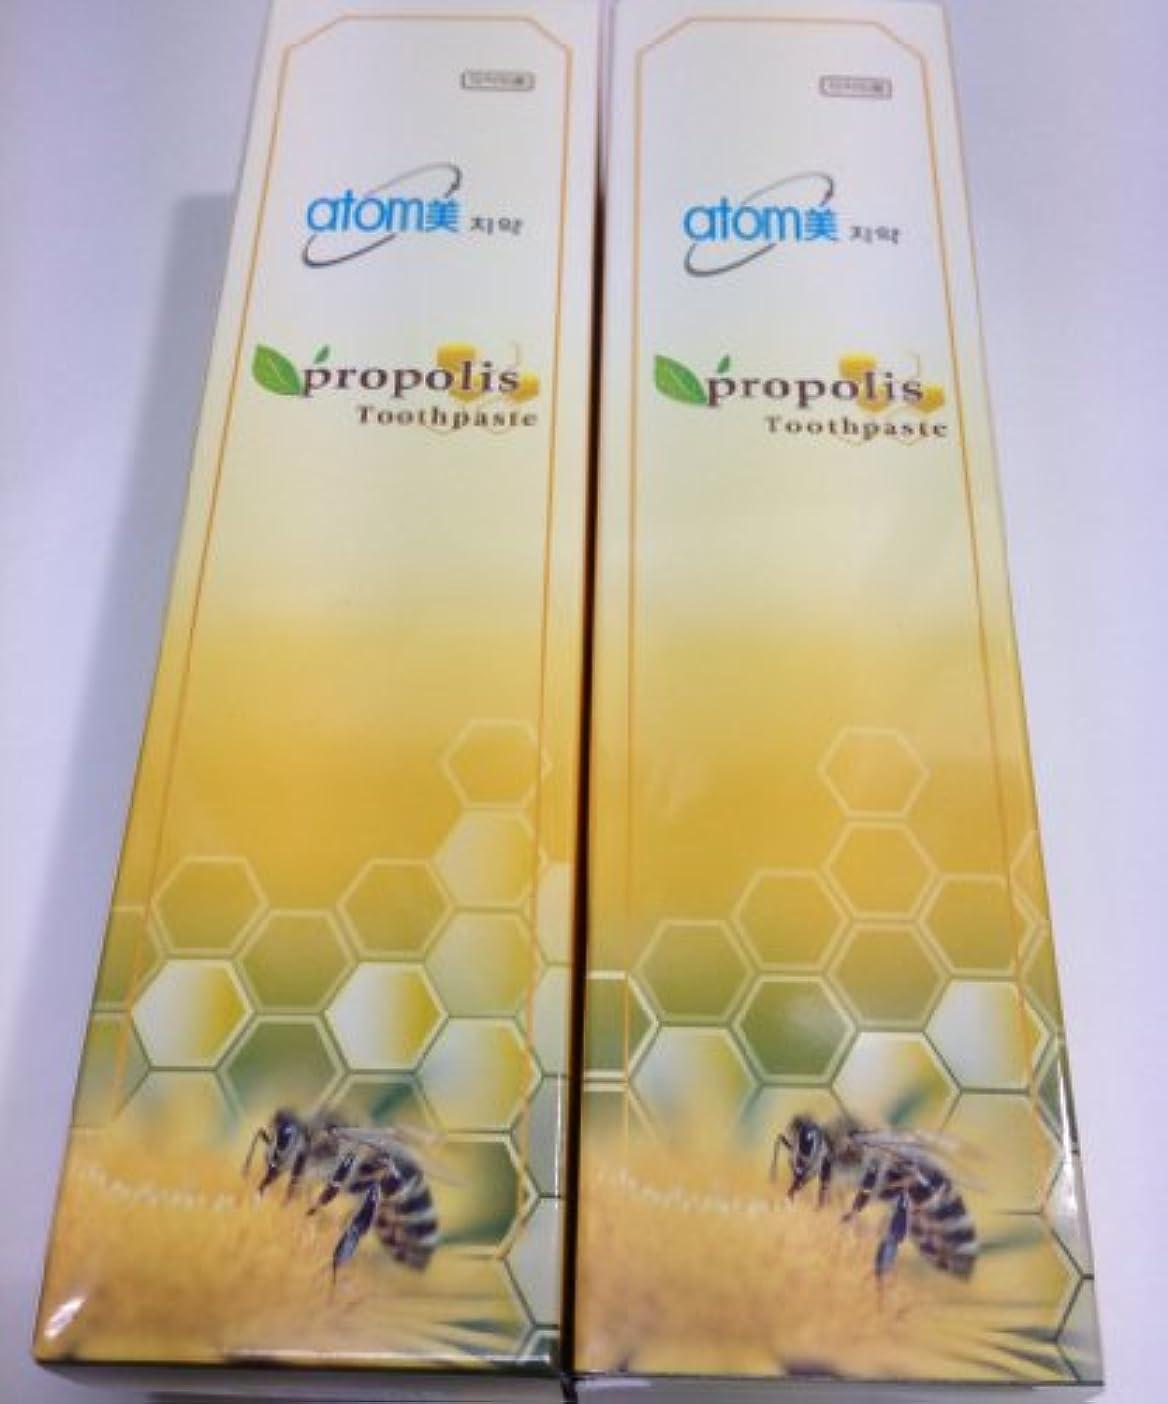 教え叫ぶ究極のアトミ化粧品 アトミ 歯ミガキ (歯磨き粉) 200g 2本セット 並行輸入品